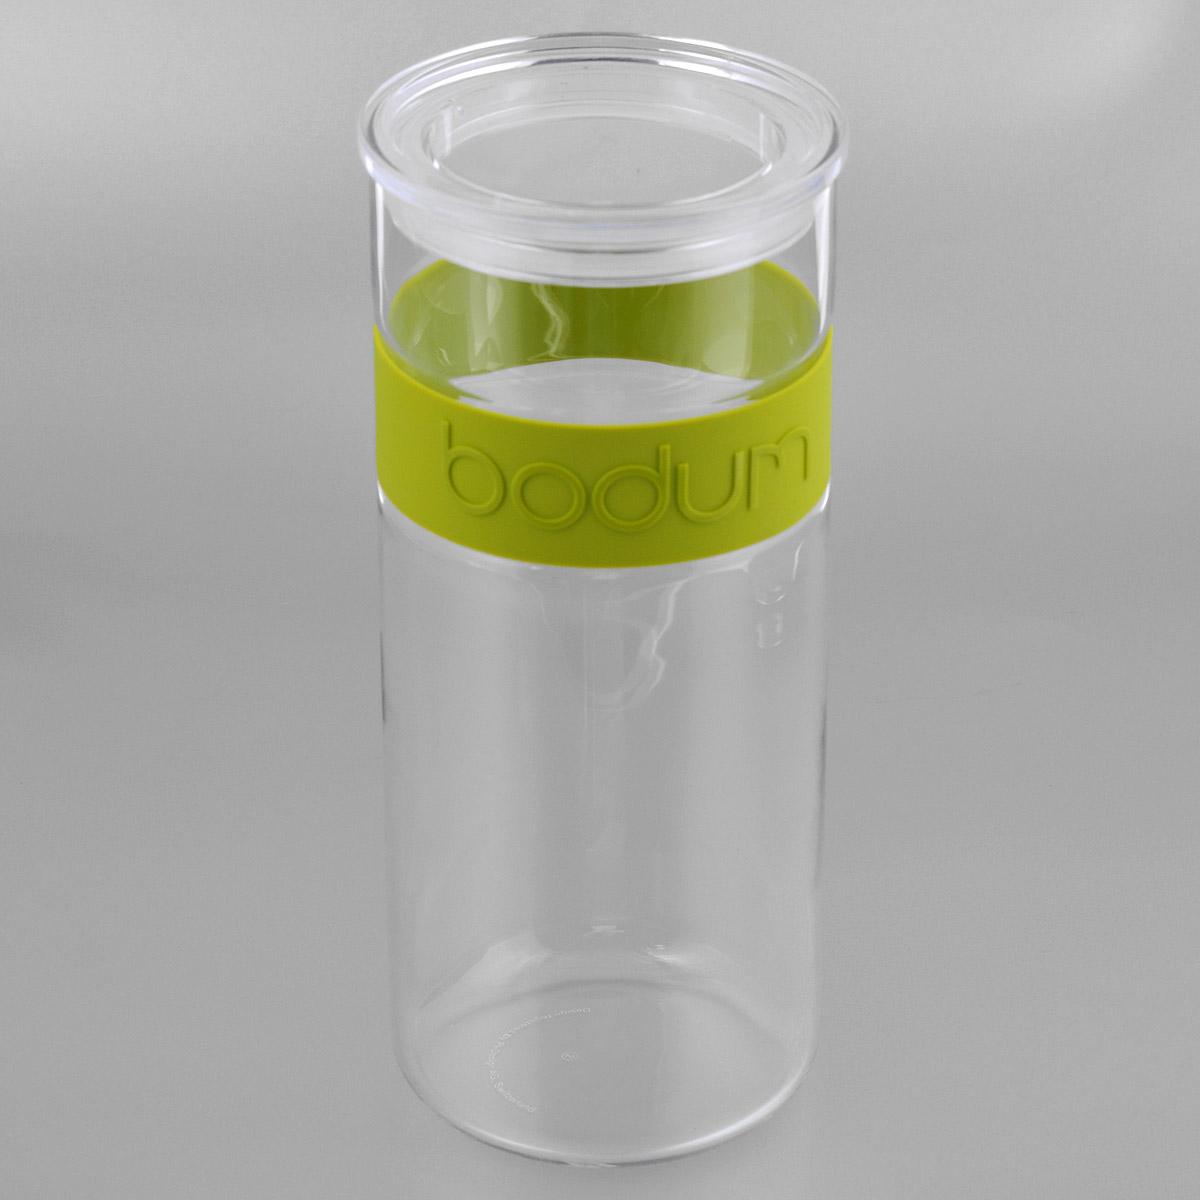 Банка для хранения Bodum Presso, цвет: зеленый, 2,5 л11131-Банка для хранения Bodum Presso изготовлена из прозрачного стекла со вставкой из приятного на ощупь силикона. Стеклянная посуда не впитывает запахов продуктов и очень удобна в использовании. Банка оснащена плотно закрывающейся пластиковой крышкой с термоусадкой. Благодаря этому внутри сохраняется герметичность, и продукты дольше остаются свежими. Изделие предназначено для хранения различных сыпучих продуктов: круп, чая, сахара, орехов и многого другого.Функциональная и вместительная, такая банка станет незаменимым аксессуаром на любой кухне. Можно мыть в посудомоечной машине. Объем банки: 2,5 л. Диаметр банки (по верхнему краю): 11,5 см. Высота банки: 28 см.